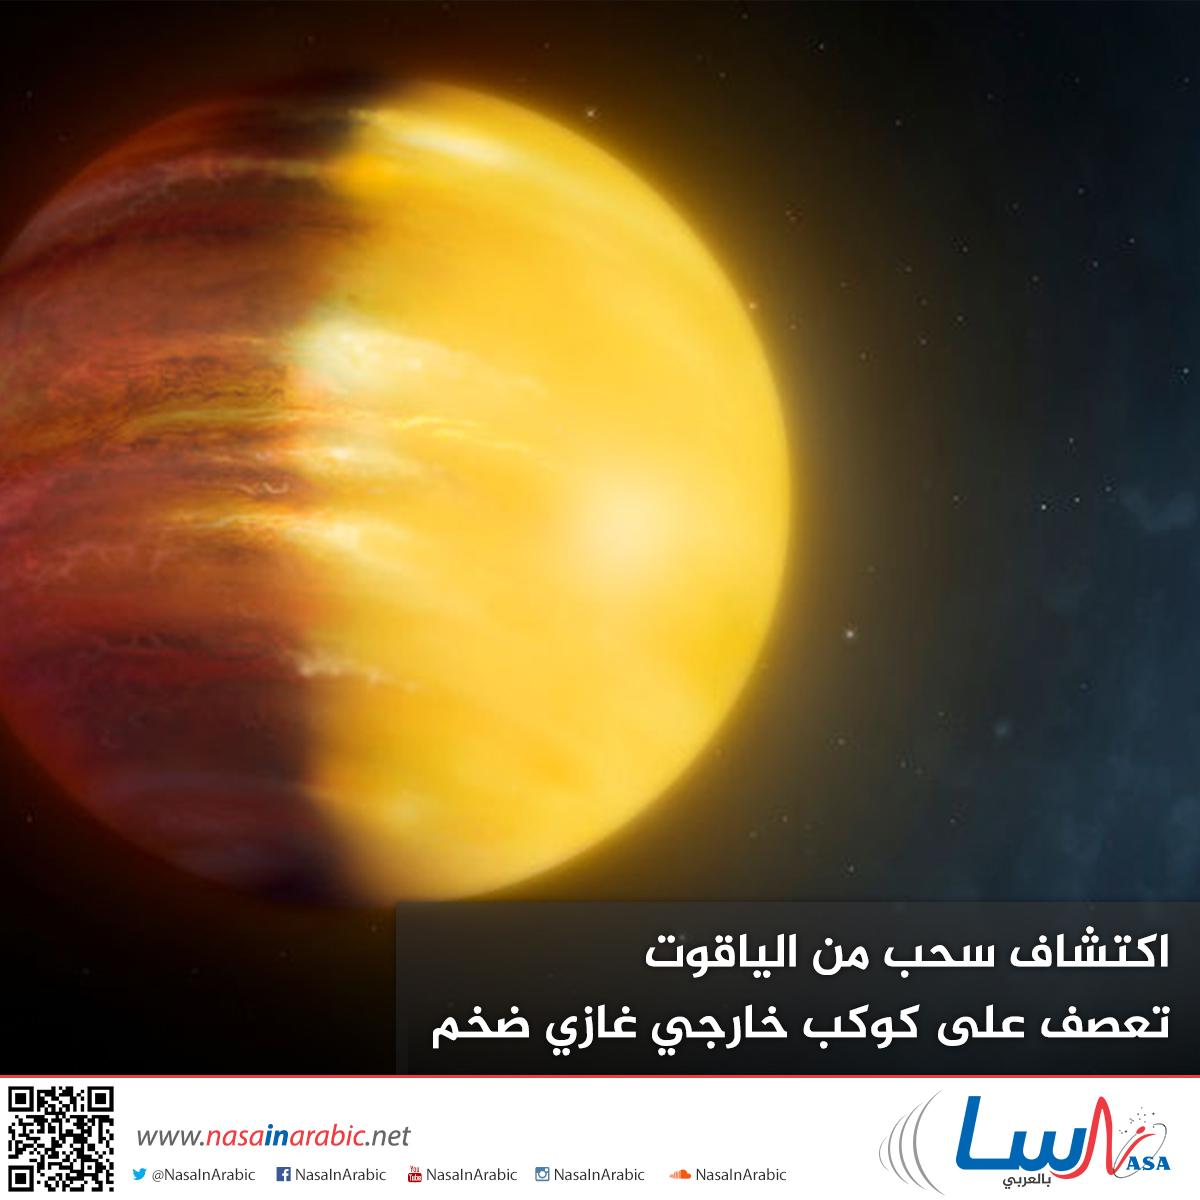 اكتشاف سحب من الياقوت تعصف على كوكب خارجي غازي ضخم